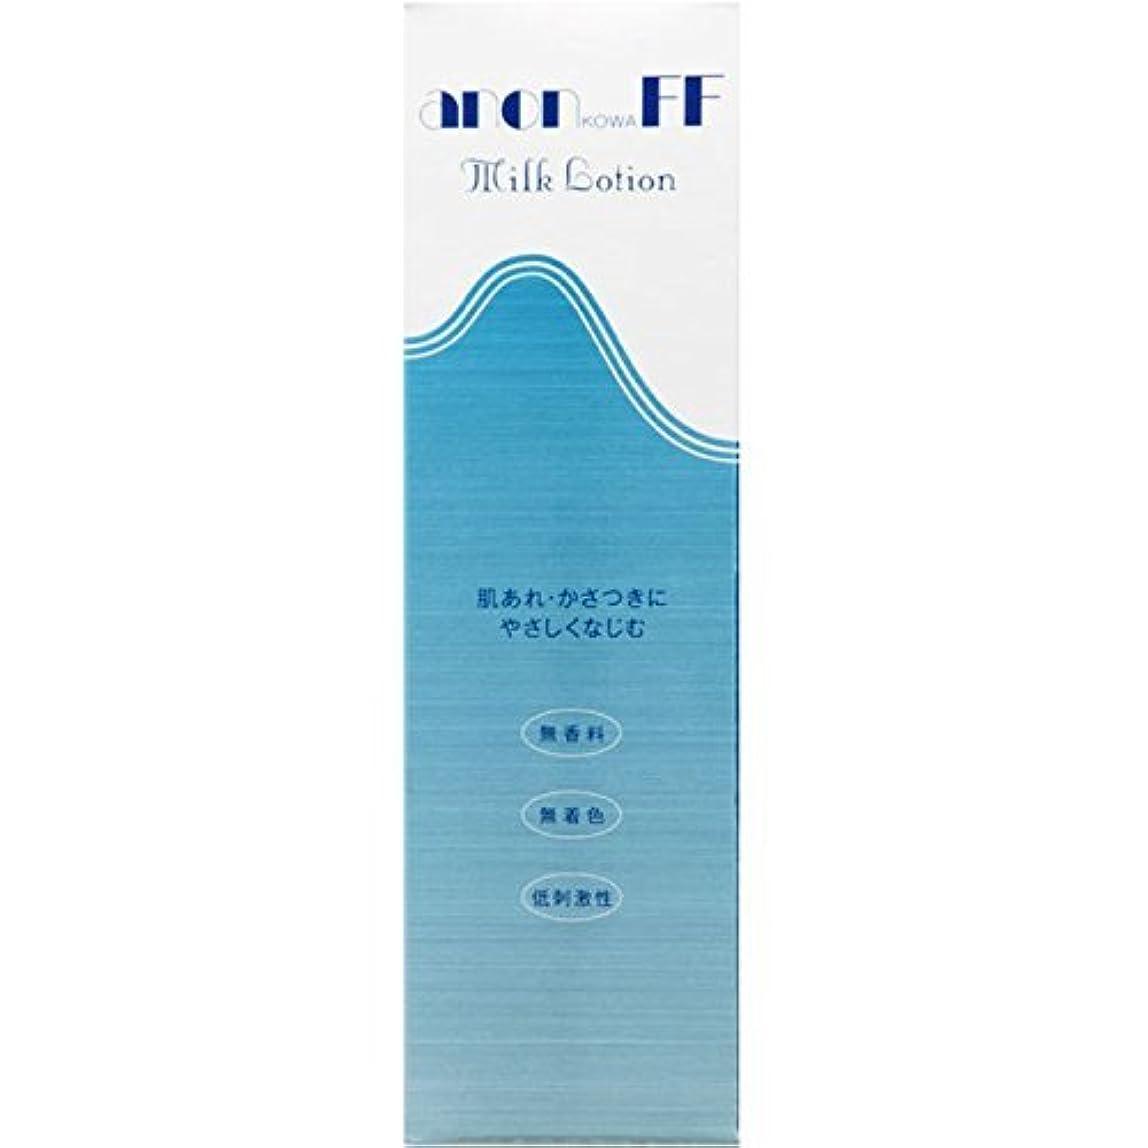 デクリメントシャベル添加剤アノンコーワFF乳液